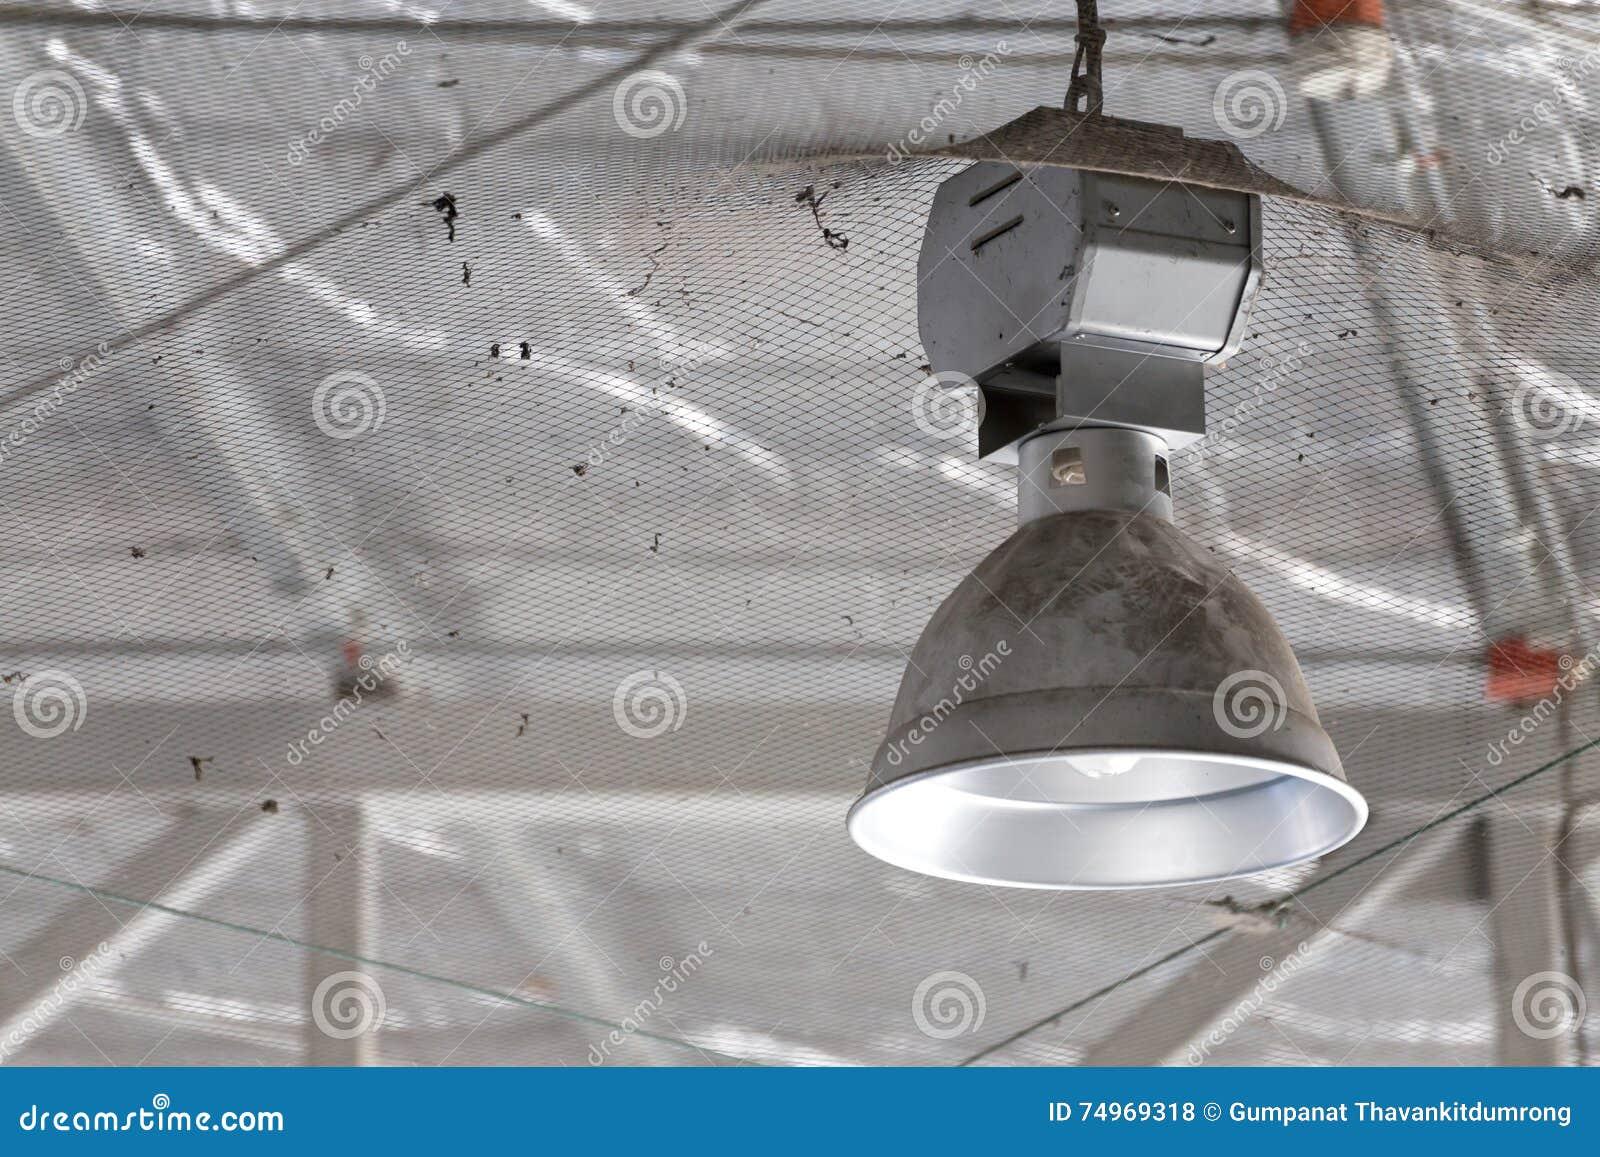 High Bay Lampen : Schmutzige industrielle lampe hohe bucht beleuchtung stockfoto